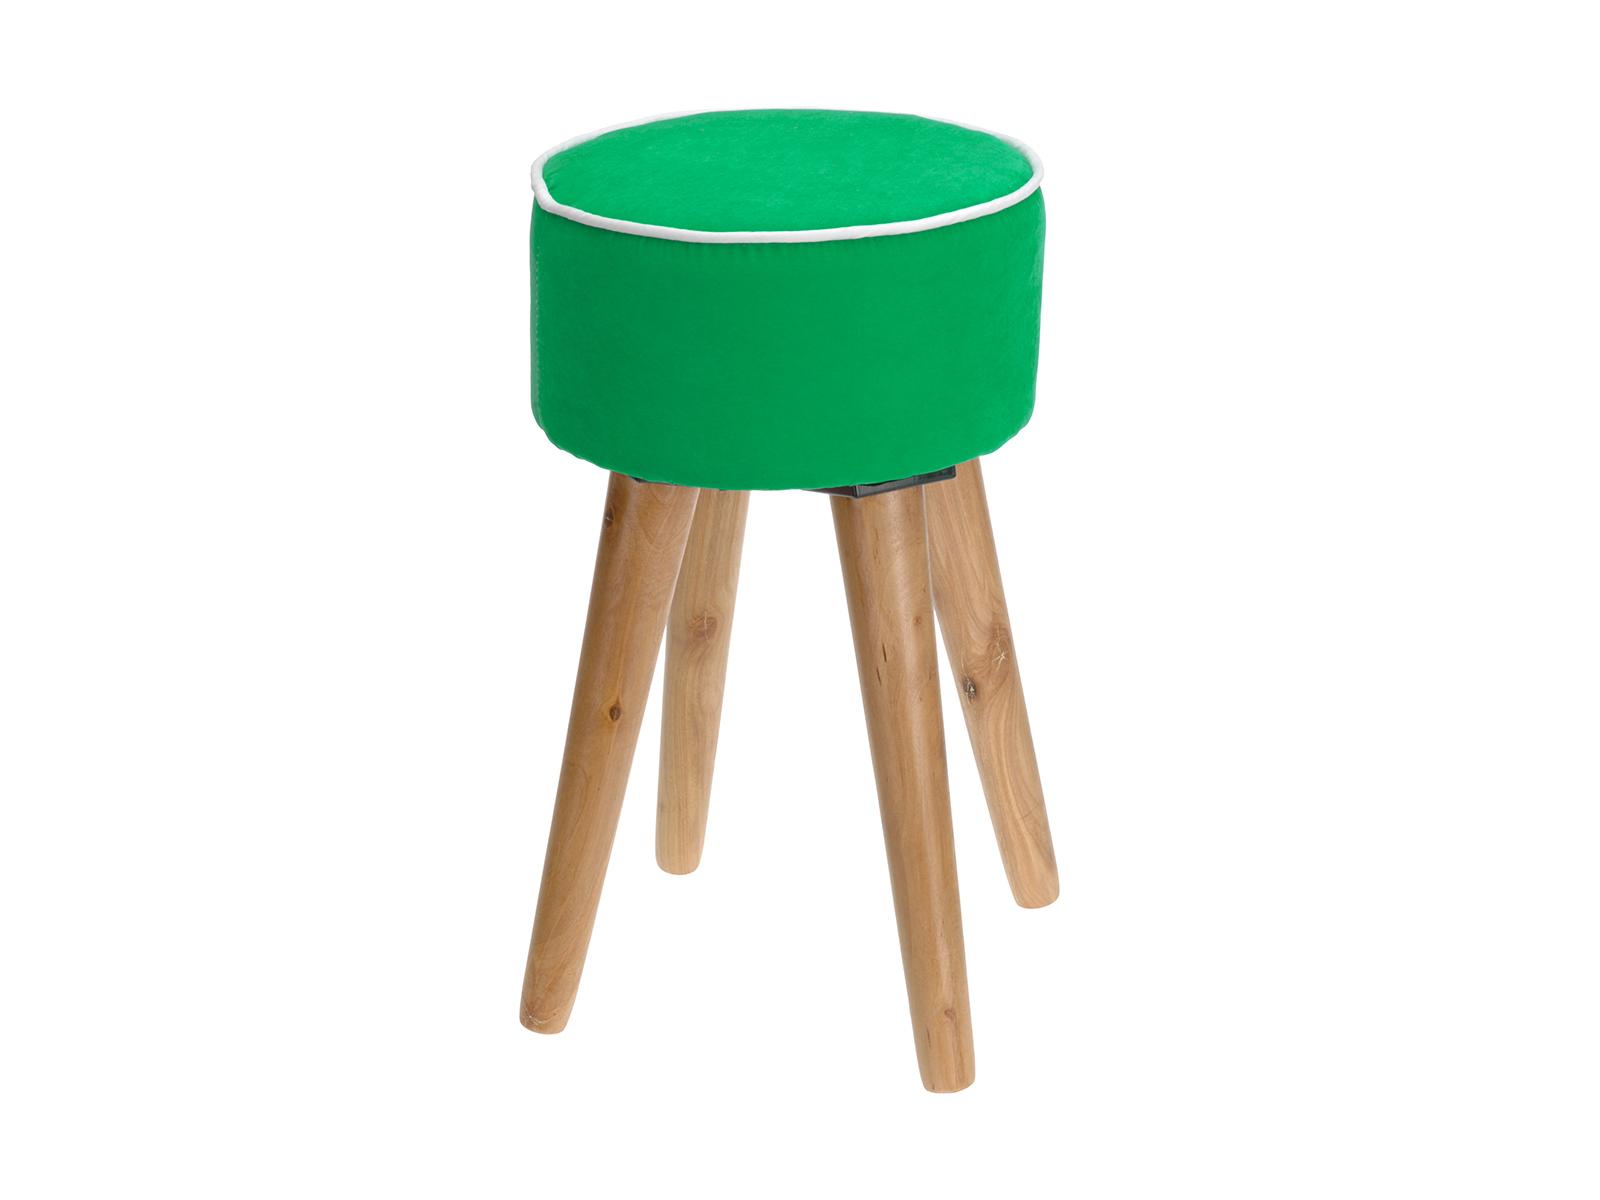 Табурет SummerТабуреты<br>Табурет с сиденьем из текстильных материалов<br><br>Material: Текстиль<br>Высота см: 44.0